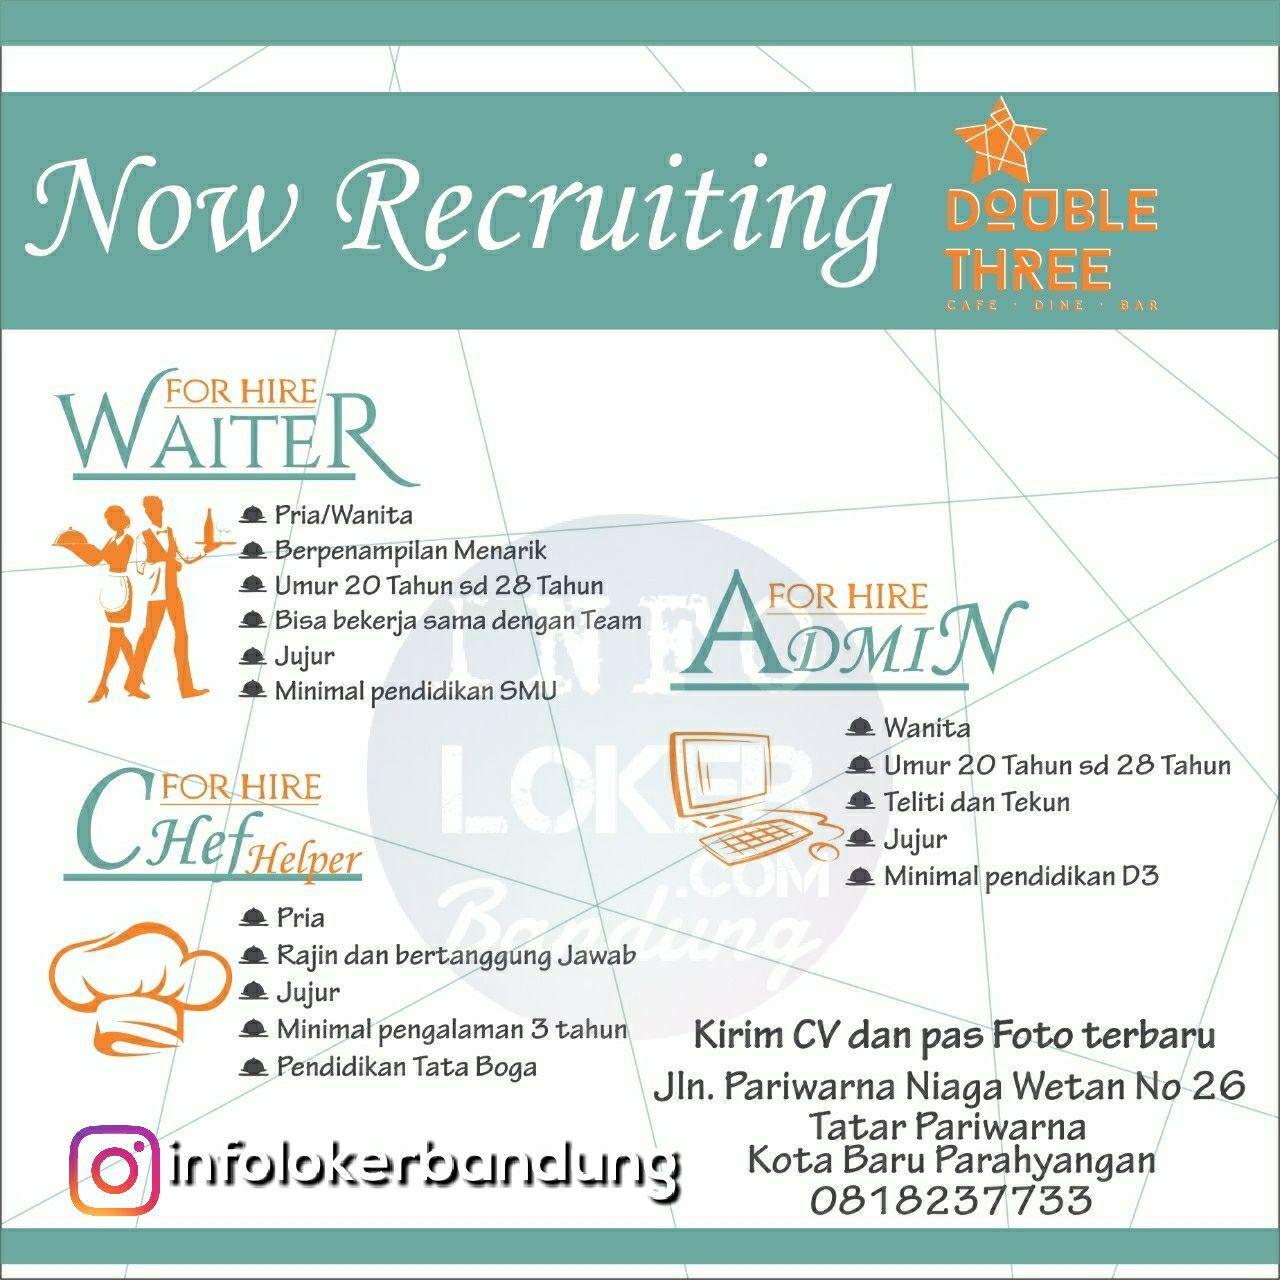 Lowongan Kerja Double Three Cafe Dine Bar Bandung April 2018